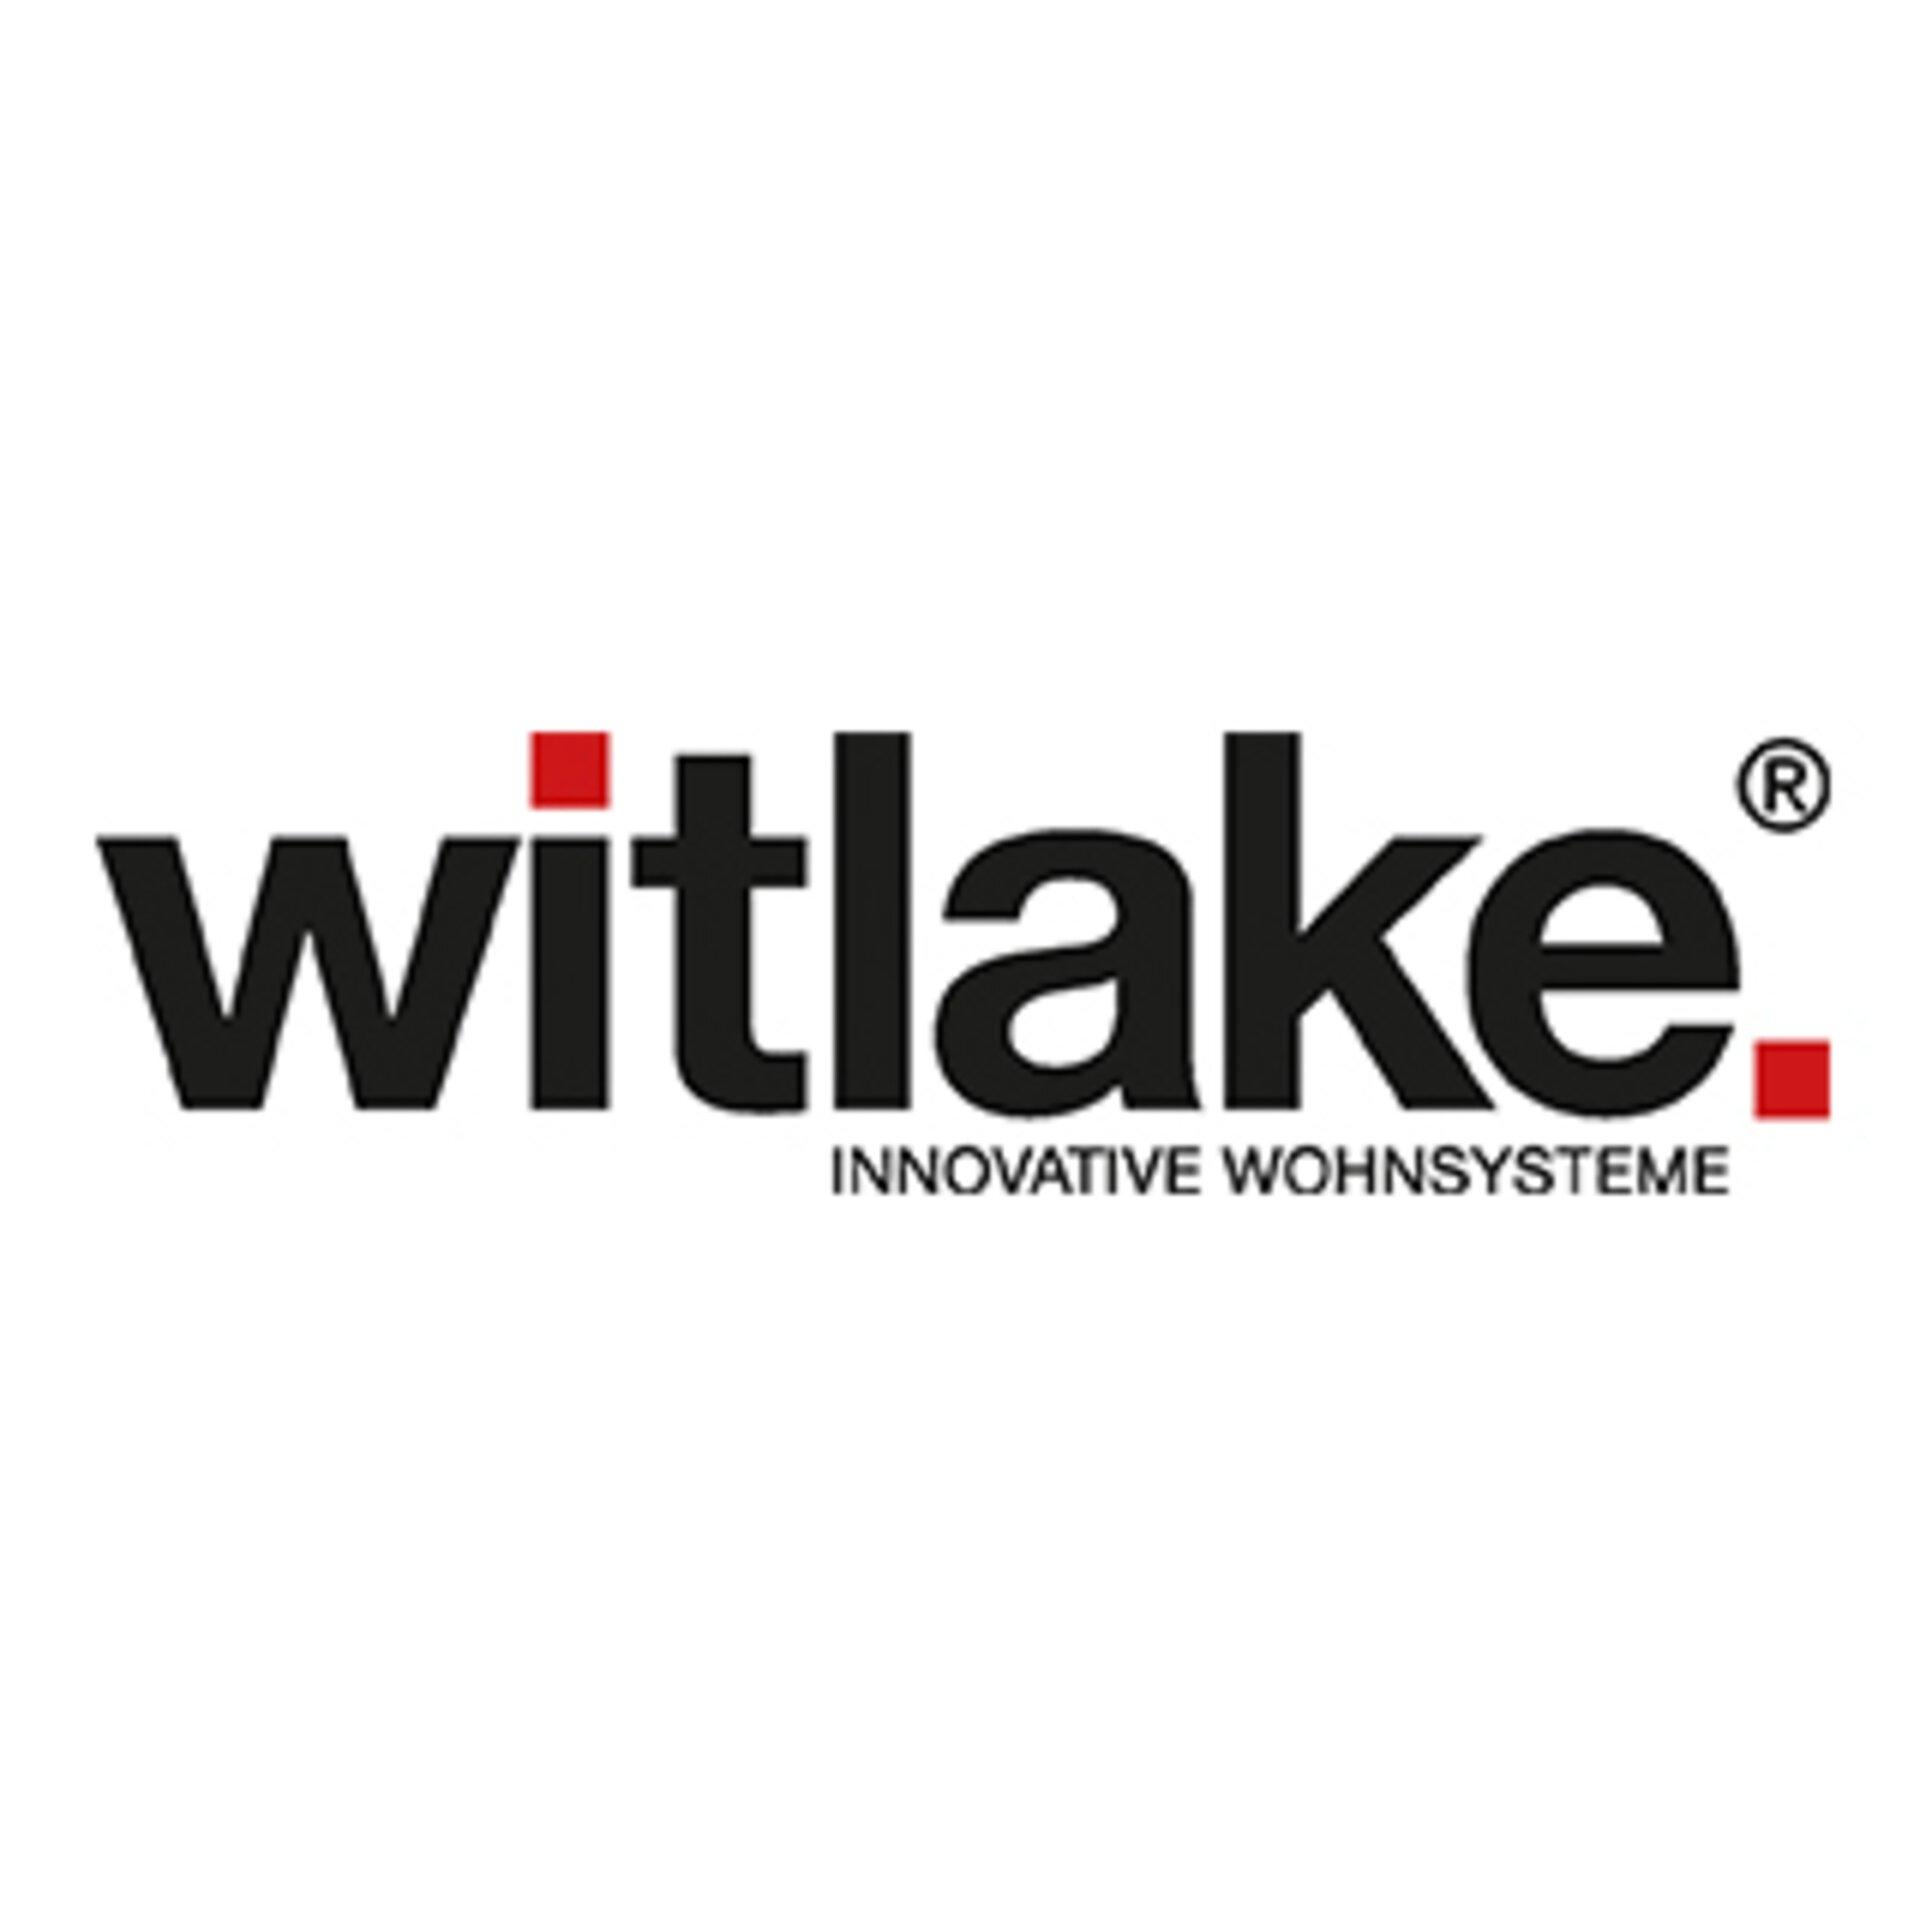 Witlake